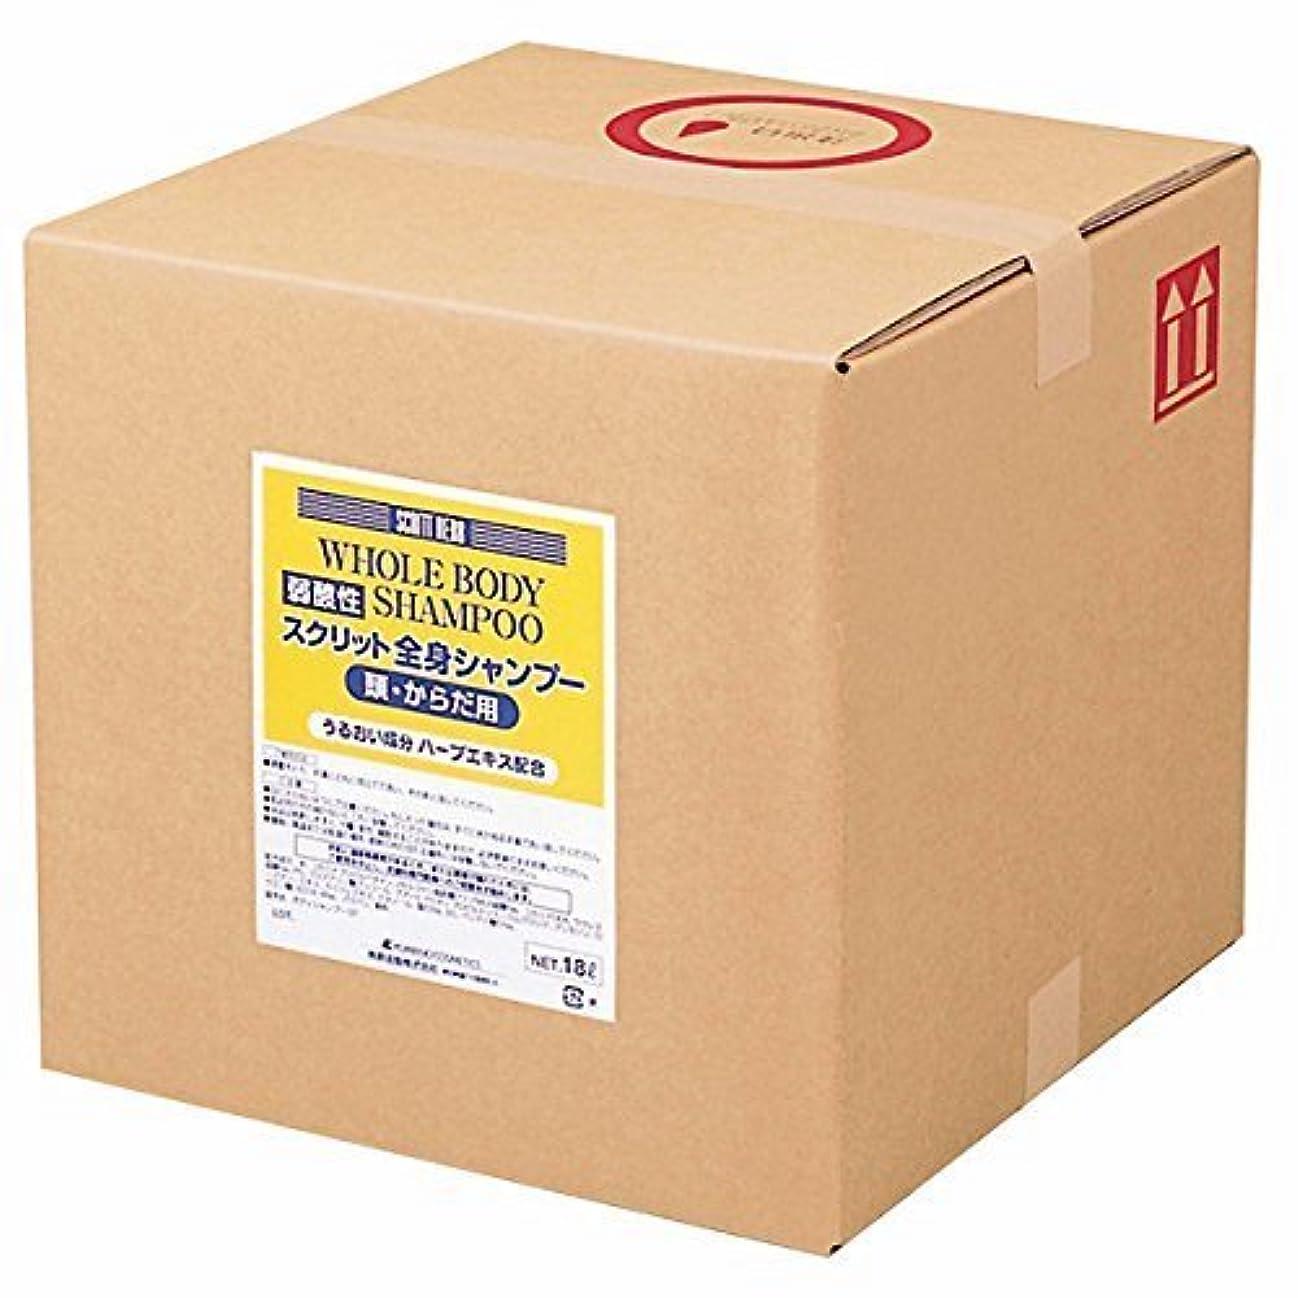 鹿論争の的通り抜ける業務用 SCRITT(スクリット) 全身シャンプー 18L 熊野油脂 (コック付き)